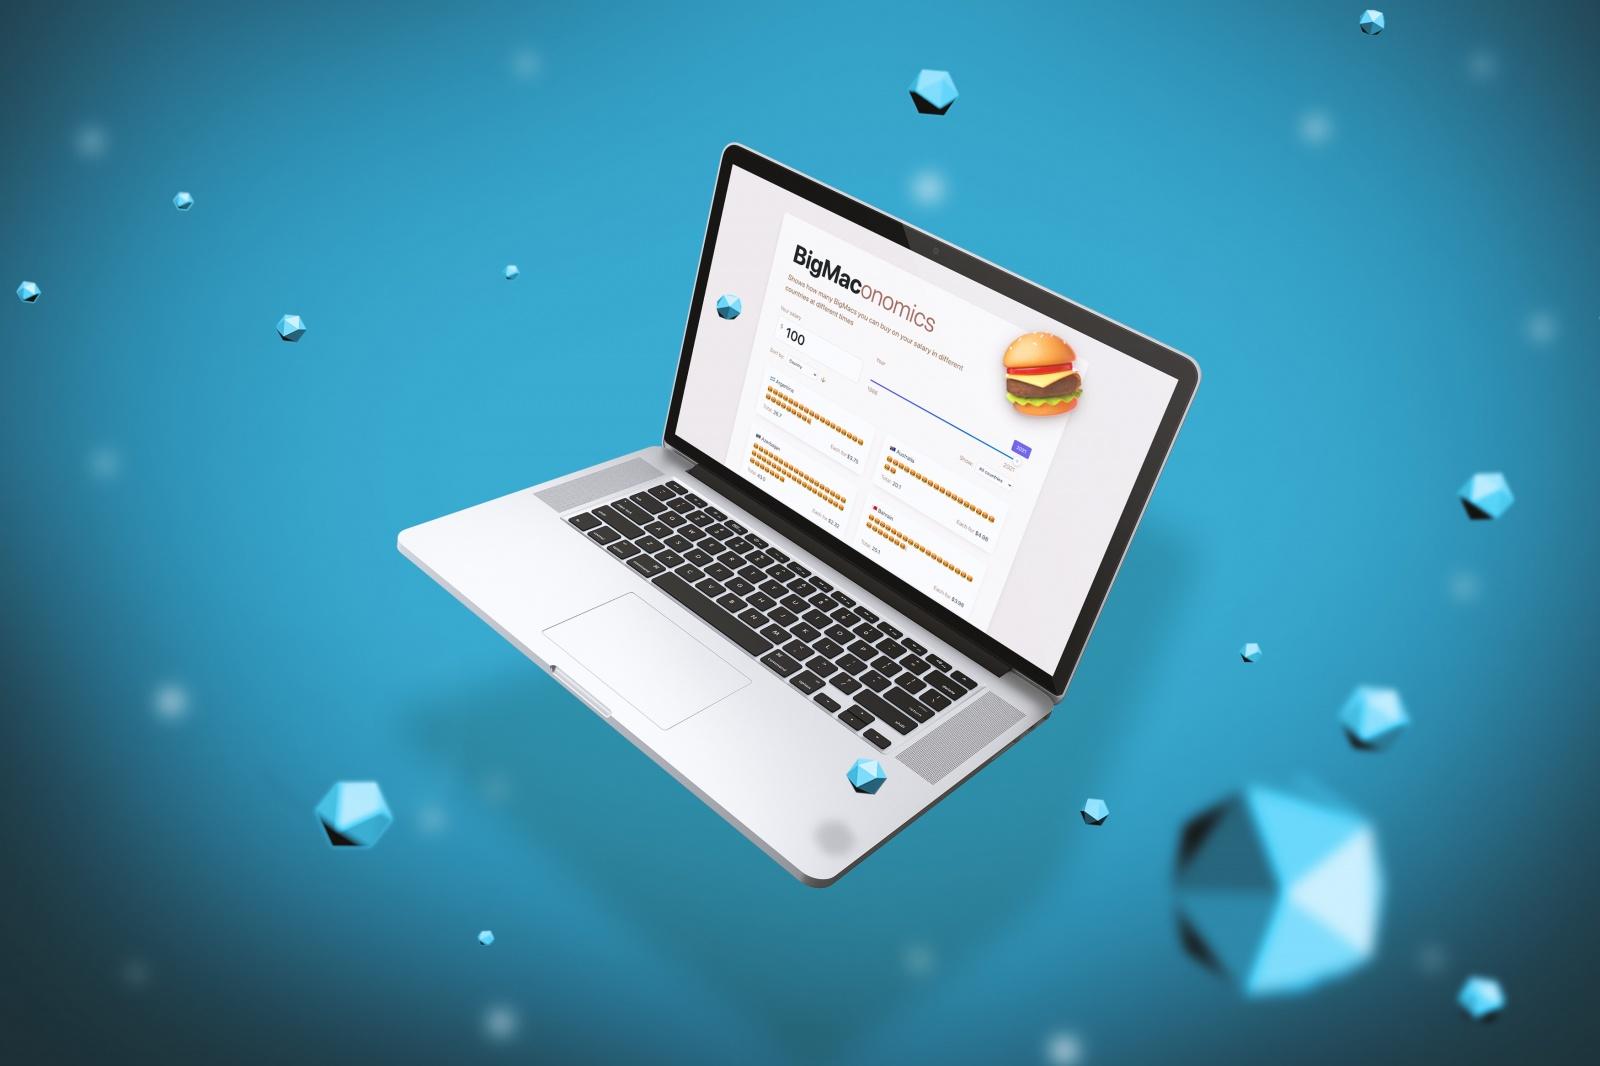 Делаем интерактивный Big Mac Index на React и Quarkly - 1